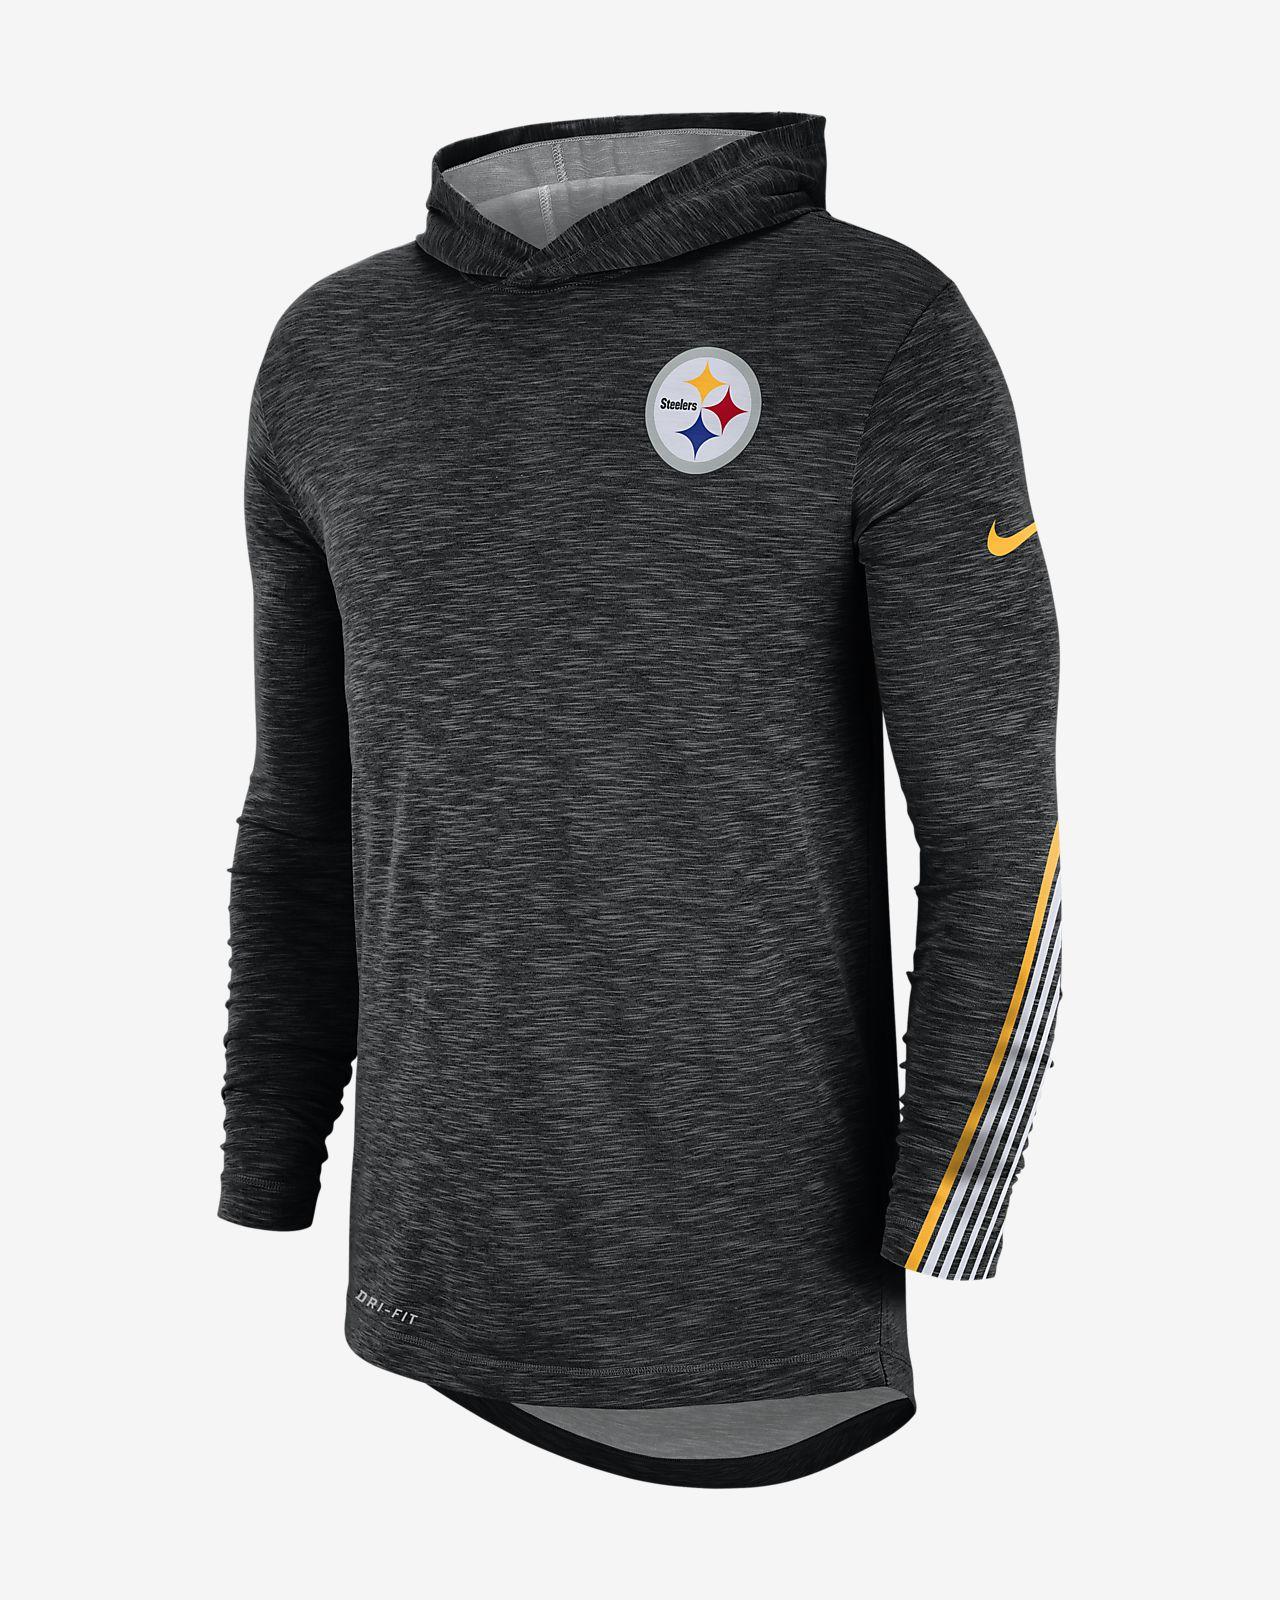 Nike Dri-FIT (NFL Steelers) Men's Hoodie